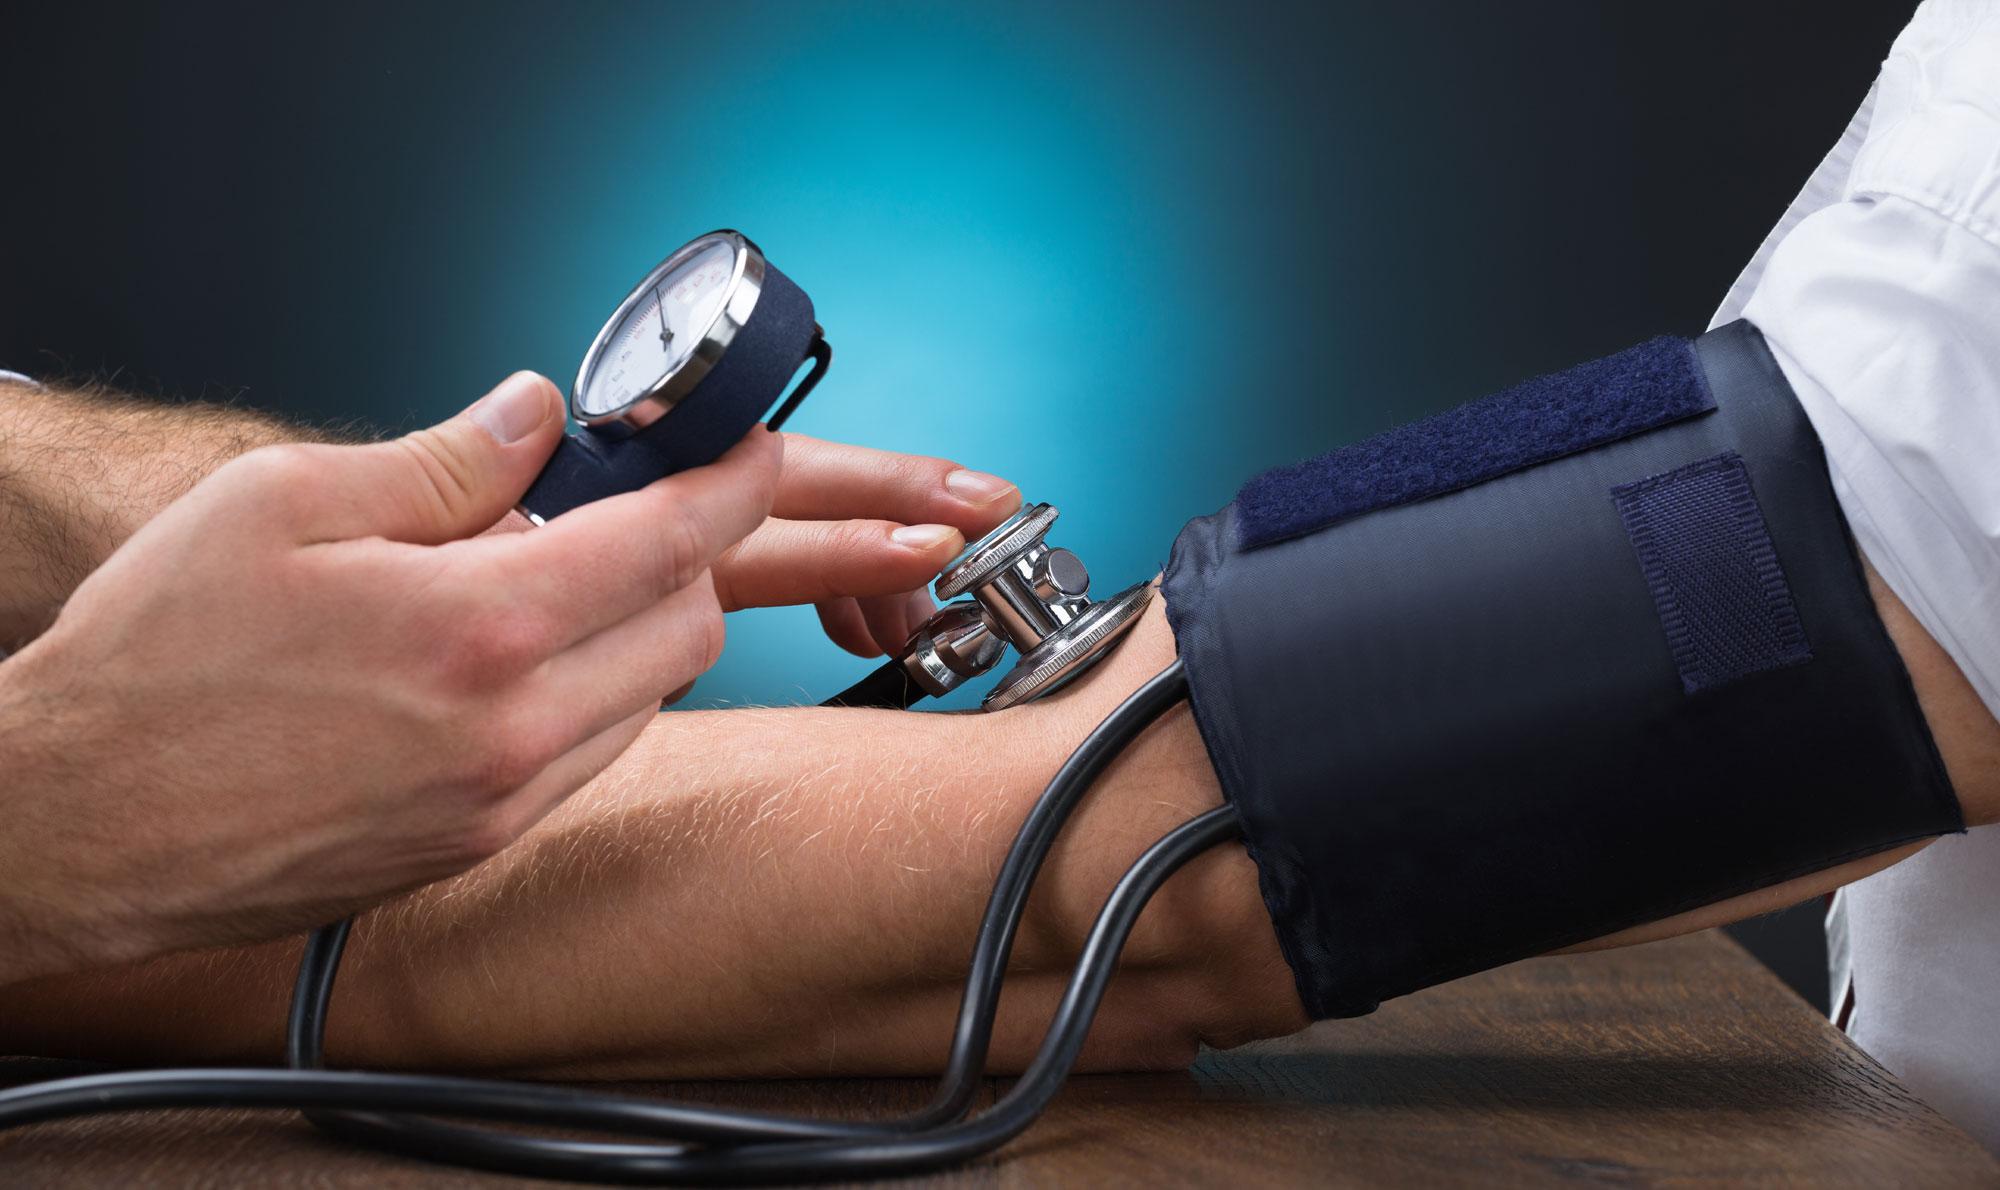 Dijeta za hipertenziju i giht